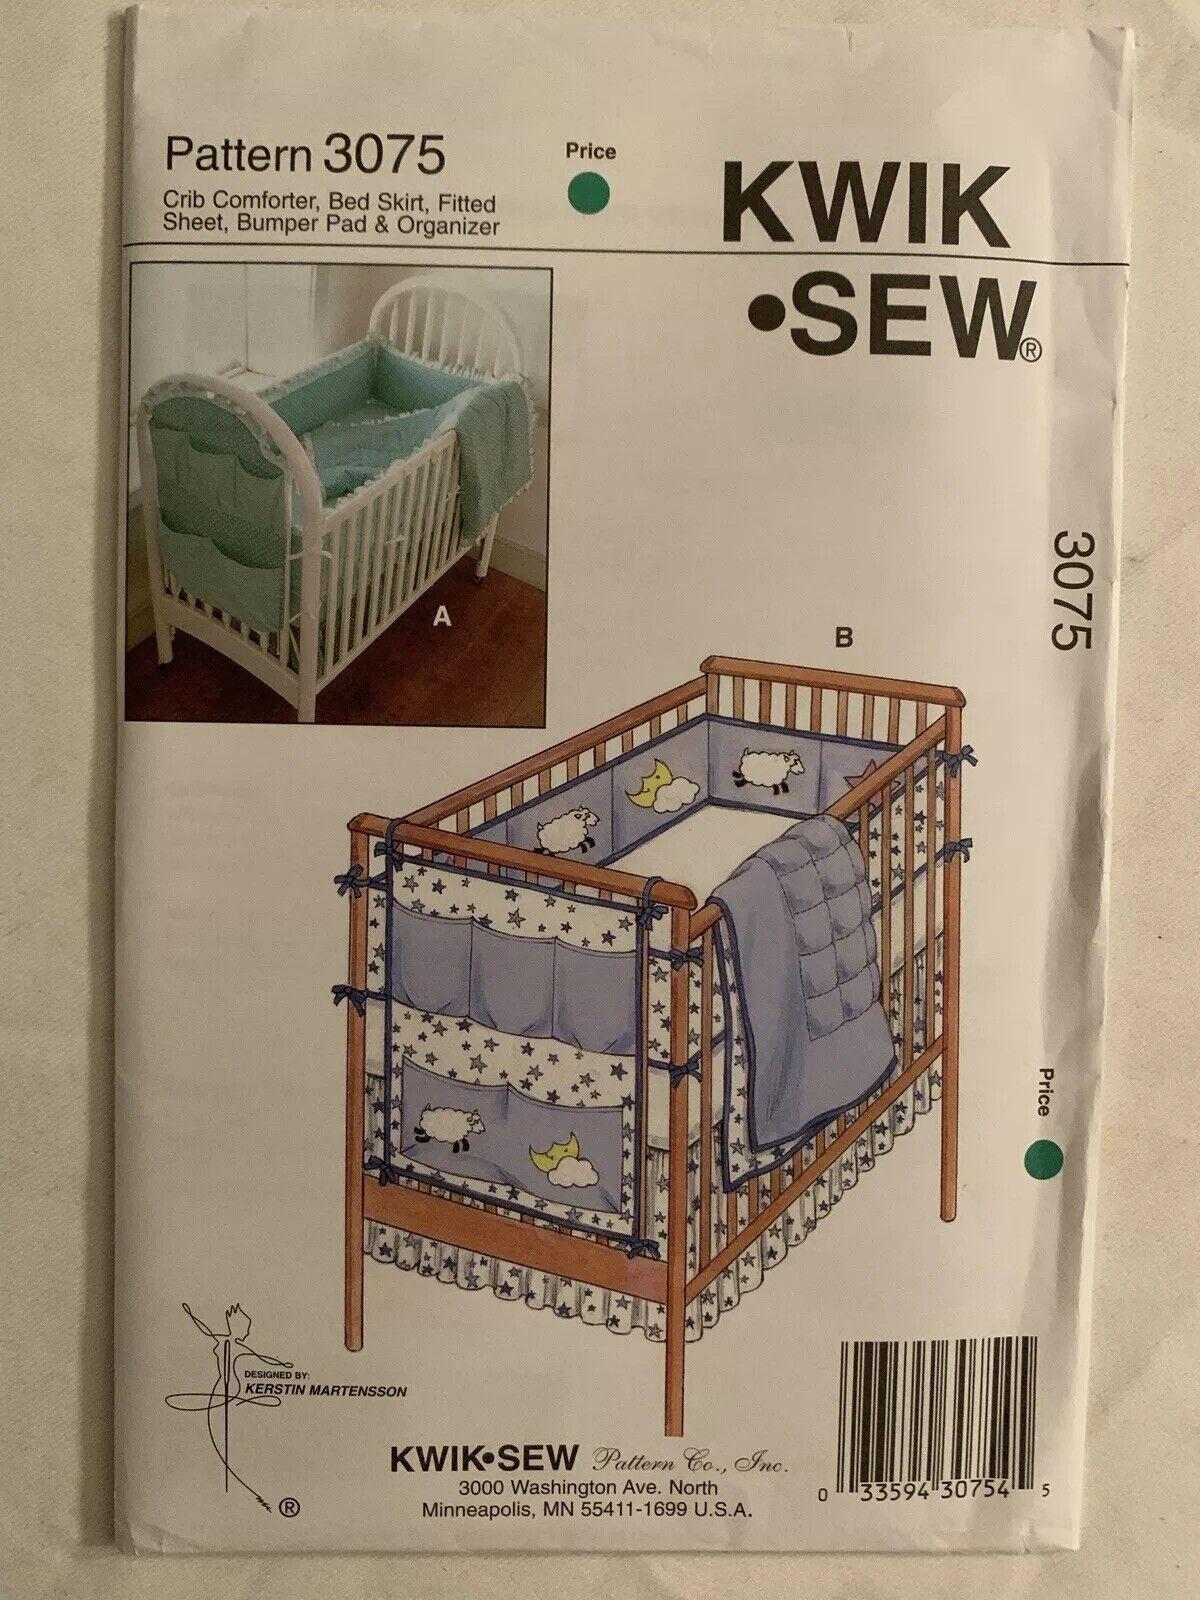 Kwik Sew K3685 Crib Comforter Sewing Pattern Skirt